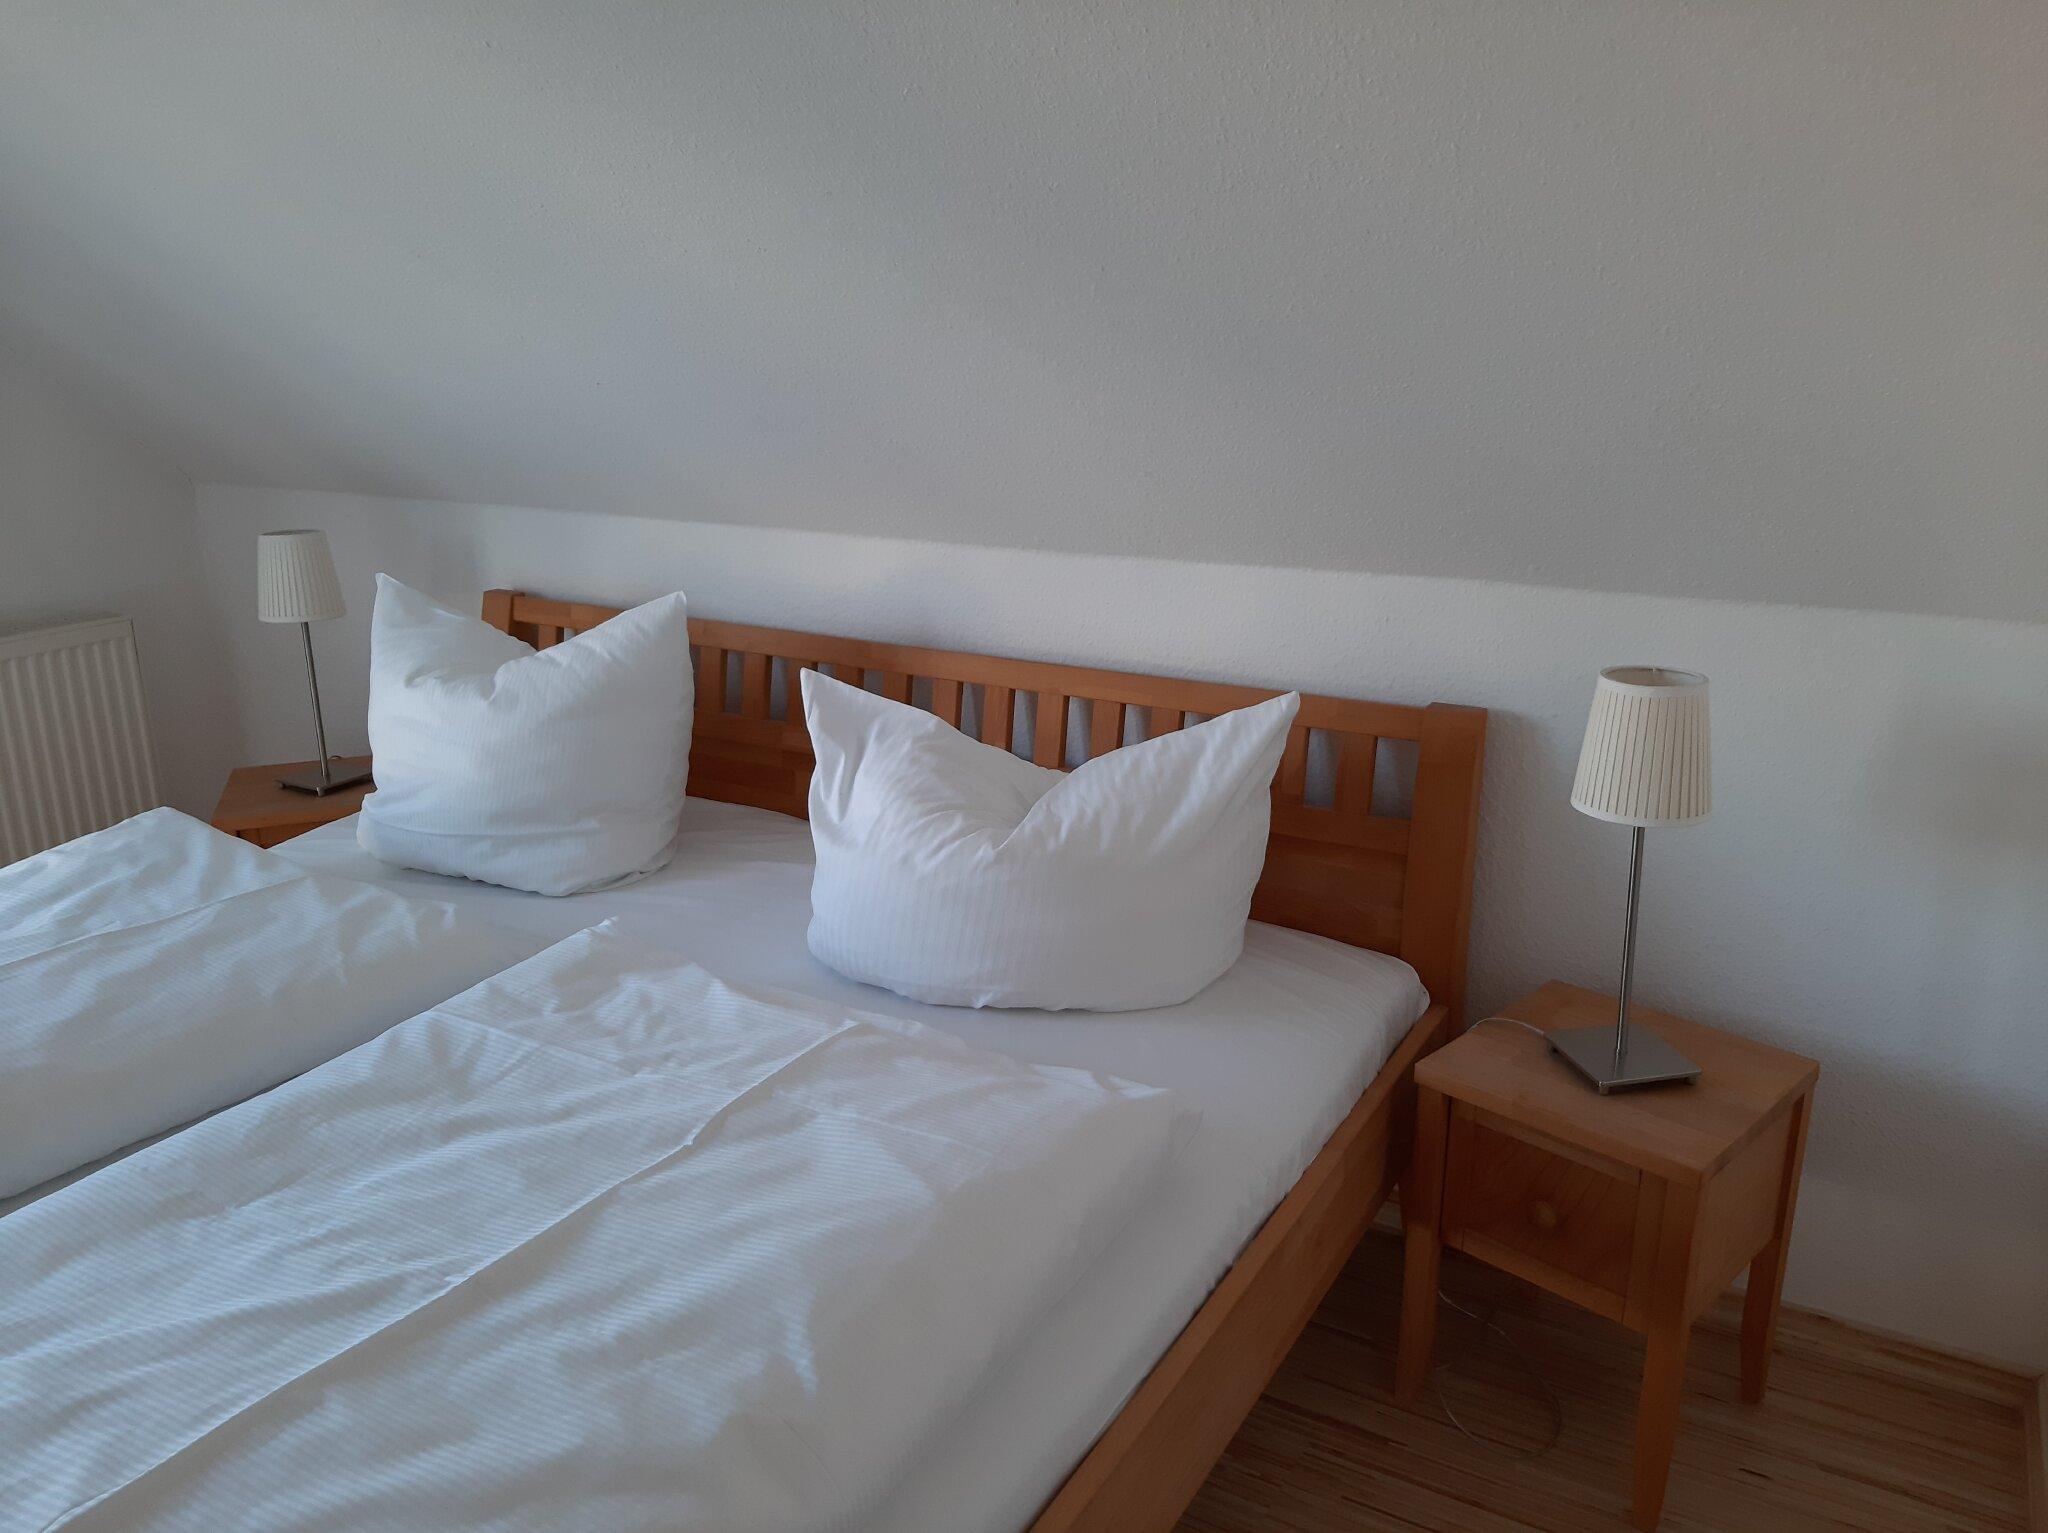 kleines Zimmer -Schlafsessel ausziehbar